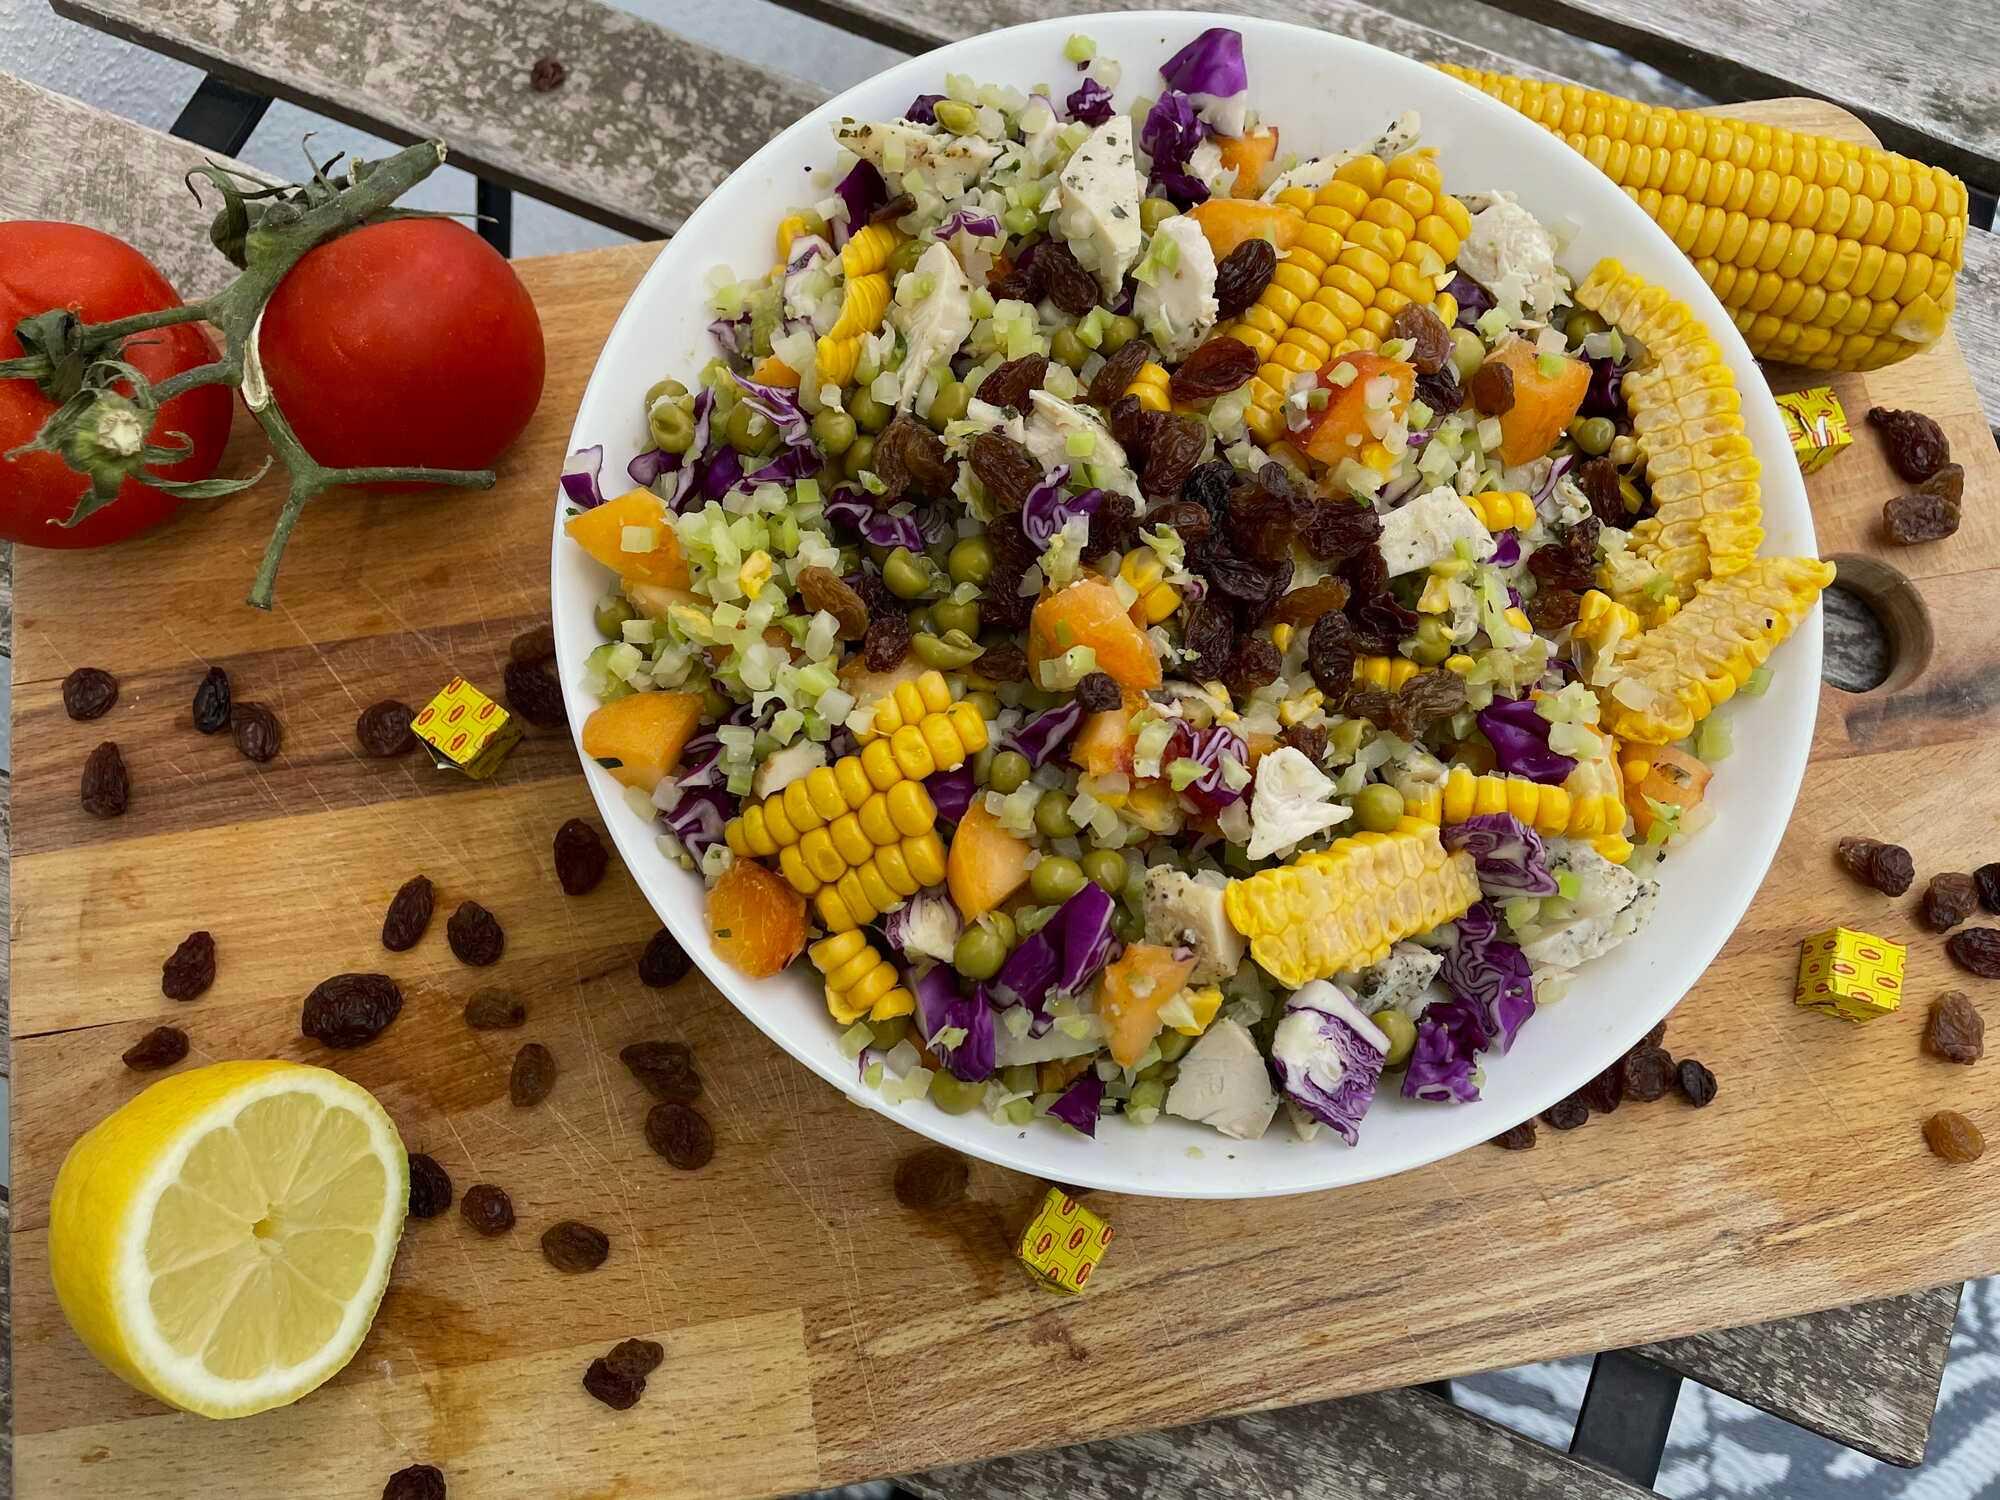 Dans un plat creux, on retrouve les différents ingrédients qui compose cette salade. A côté sont disposés deux belles tomates et un demi citron.